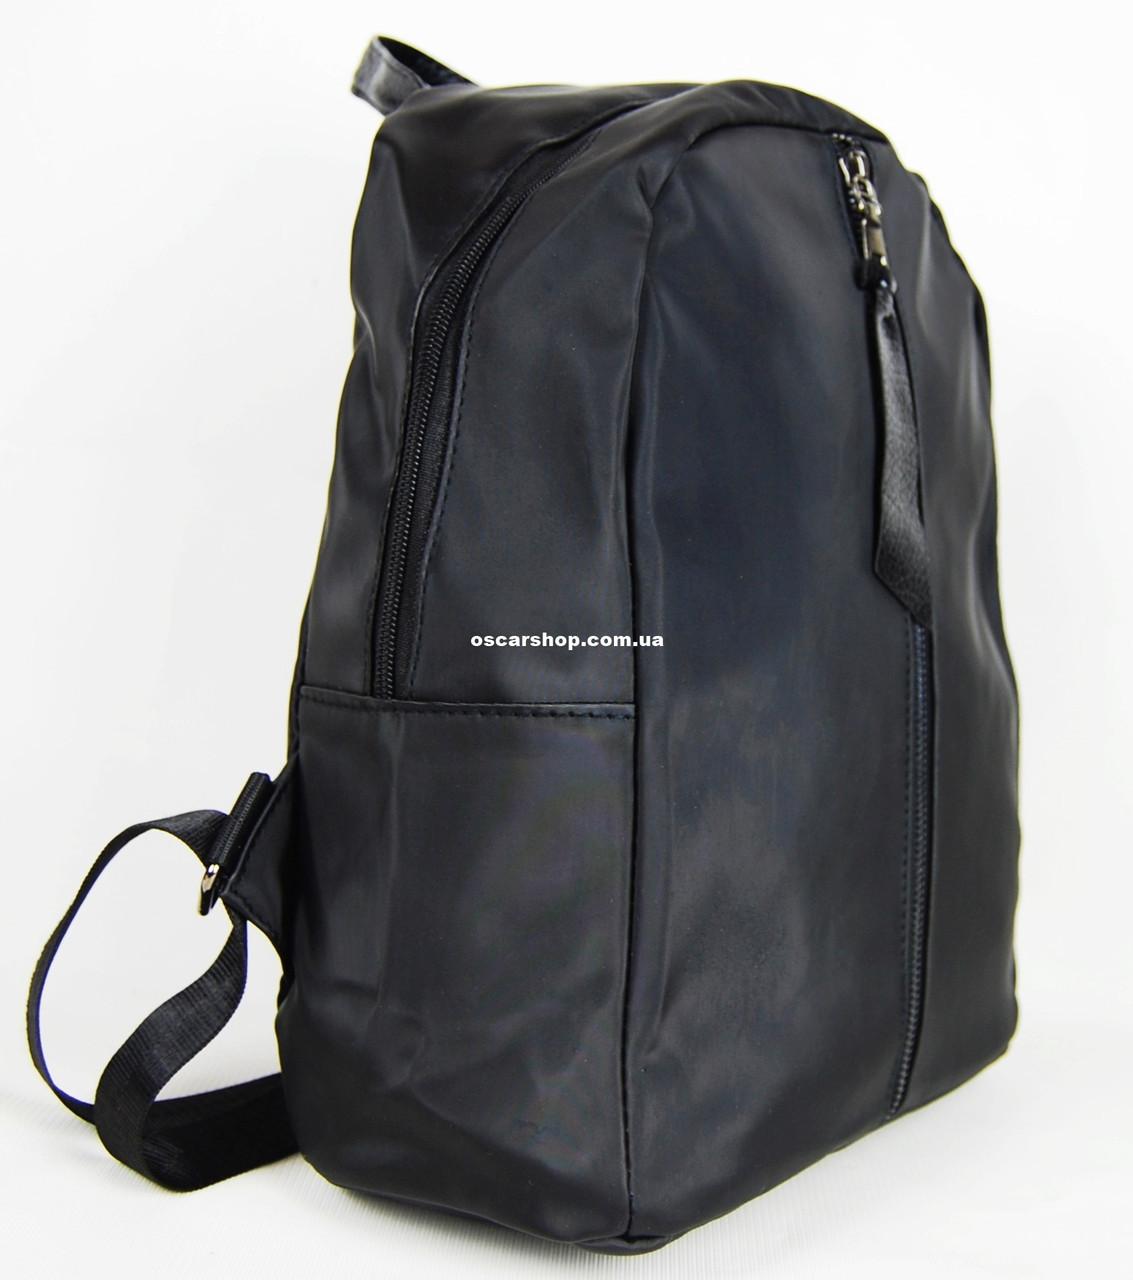 c0e06b529a9b Распродажа! Женский рюкзак из нейлона. Выбор. Женская сумка портфель.  Стильный рюкзак девушкам. СР01, цена 352 грн., купить в Киеве — Prom.ua  (ID#960878966)